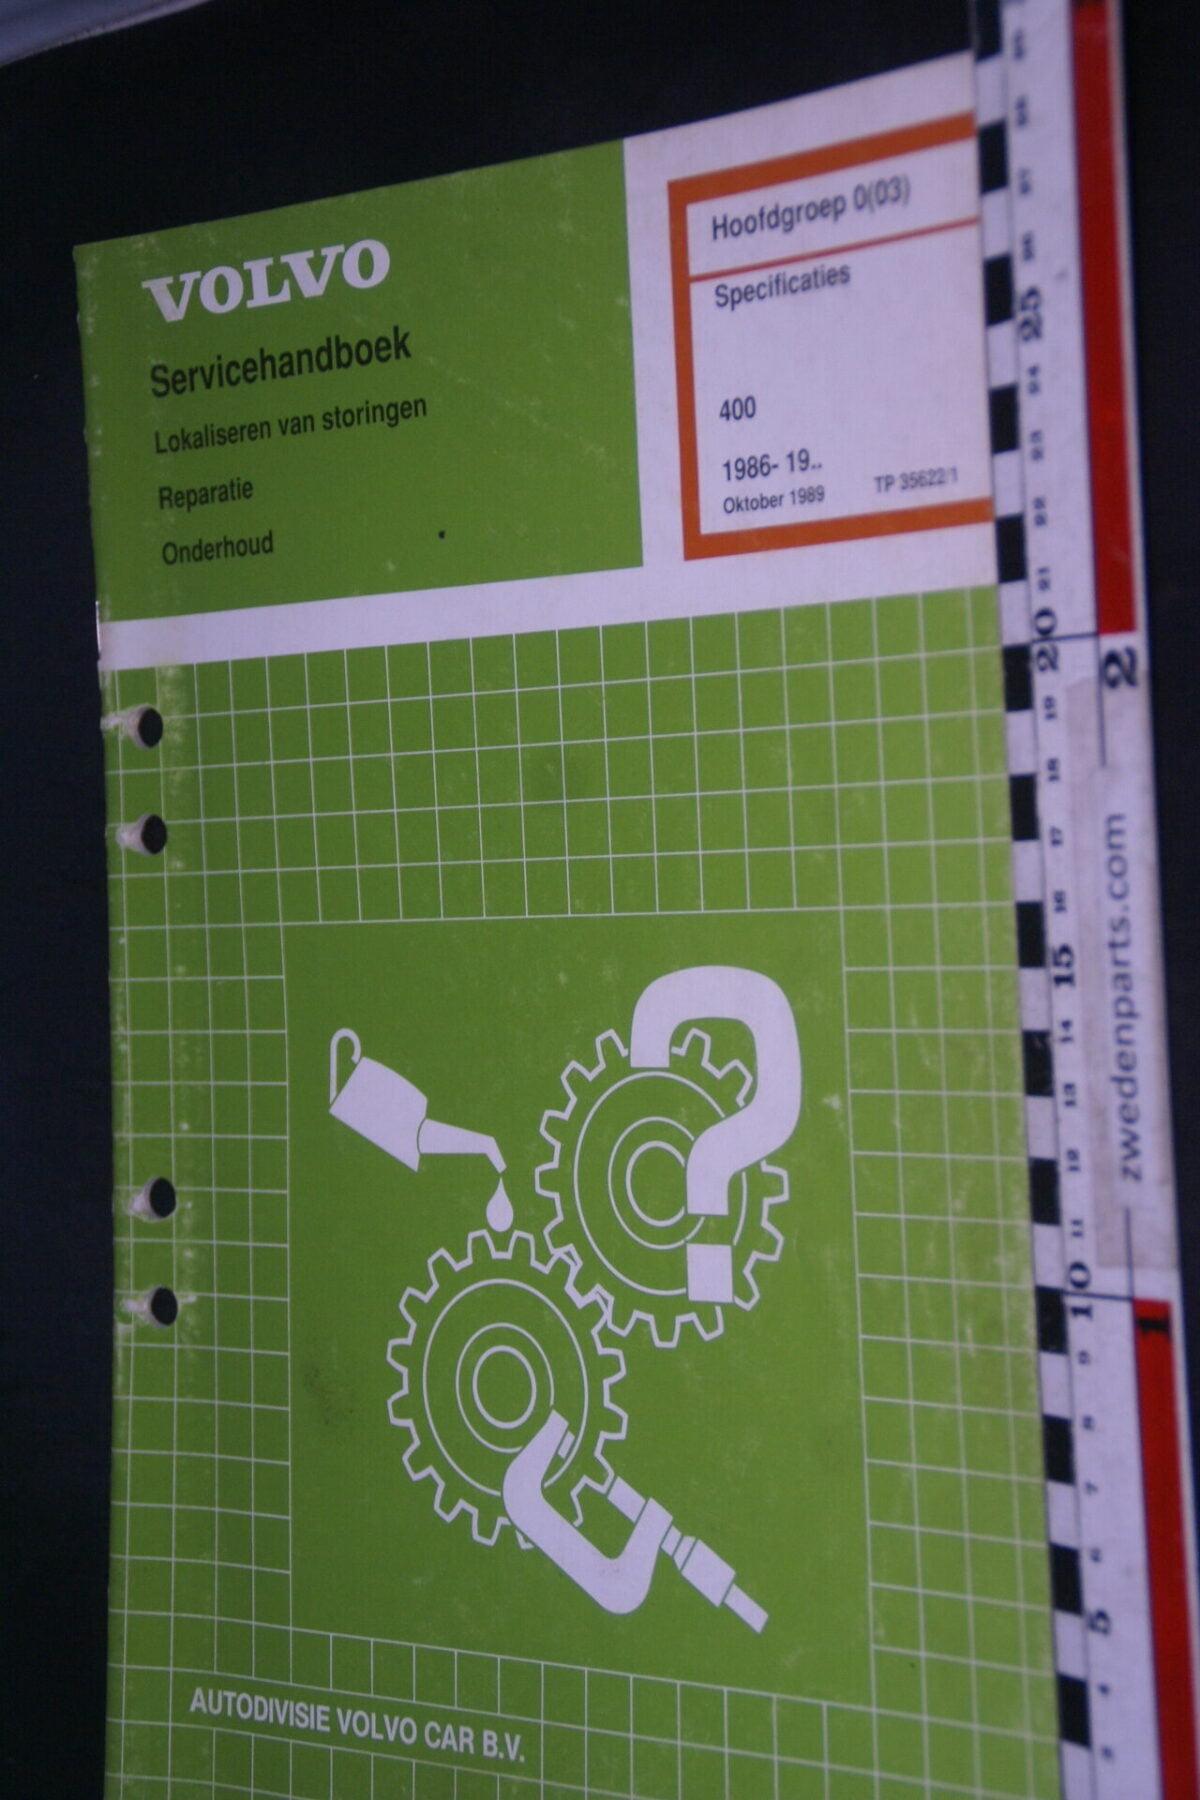 DSC09070 1992 origineel  Volvo 480 servicehandboek specificaties 0 (2) 1 van 1.000 nr TP 35622-1